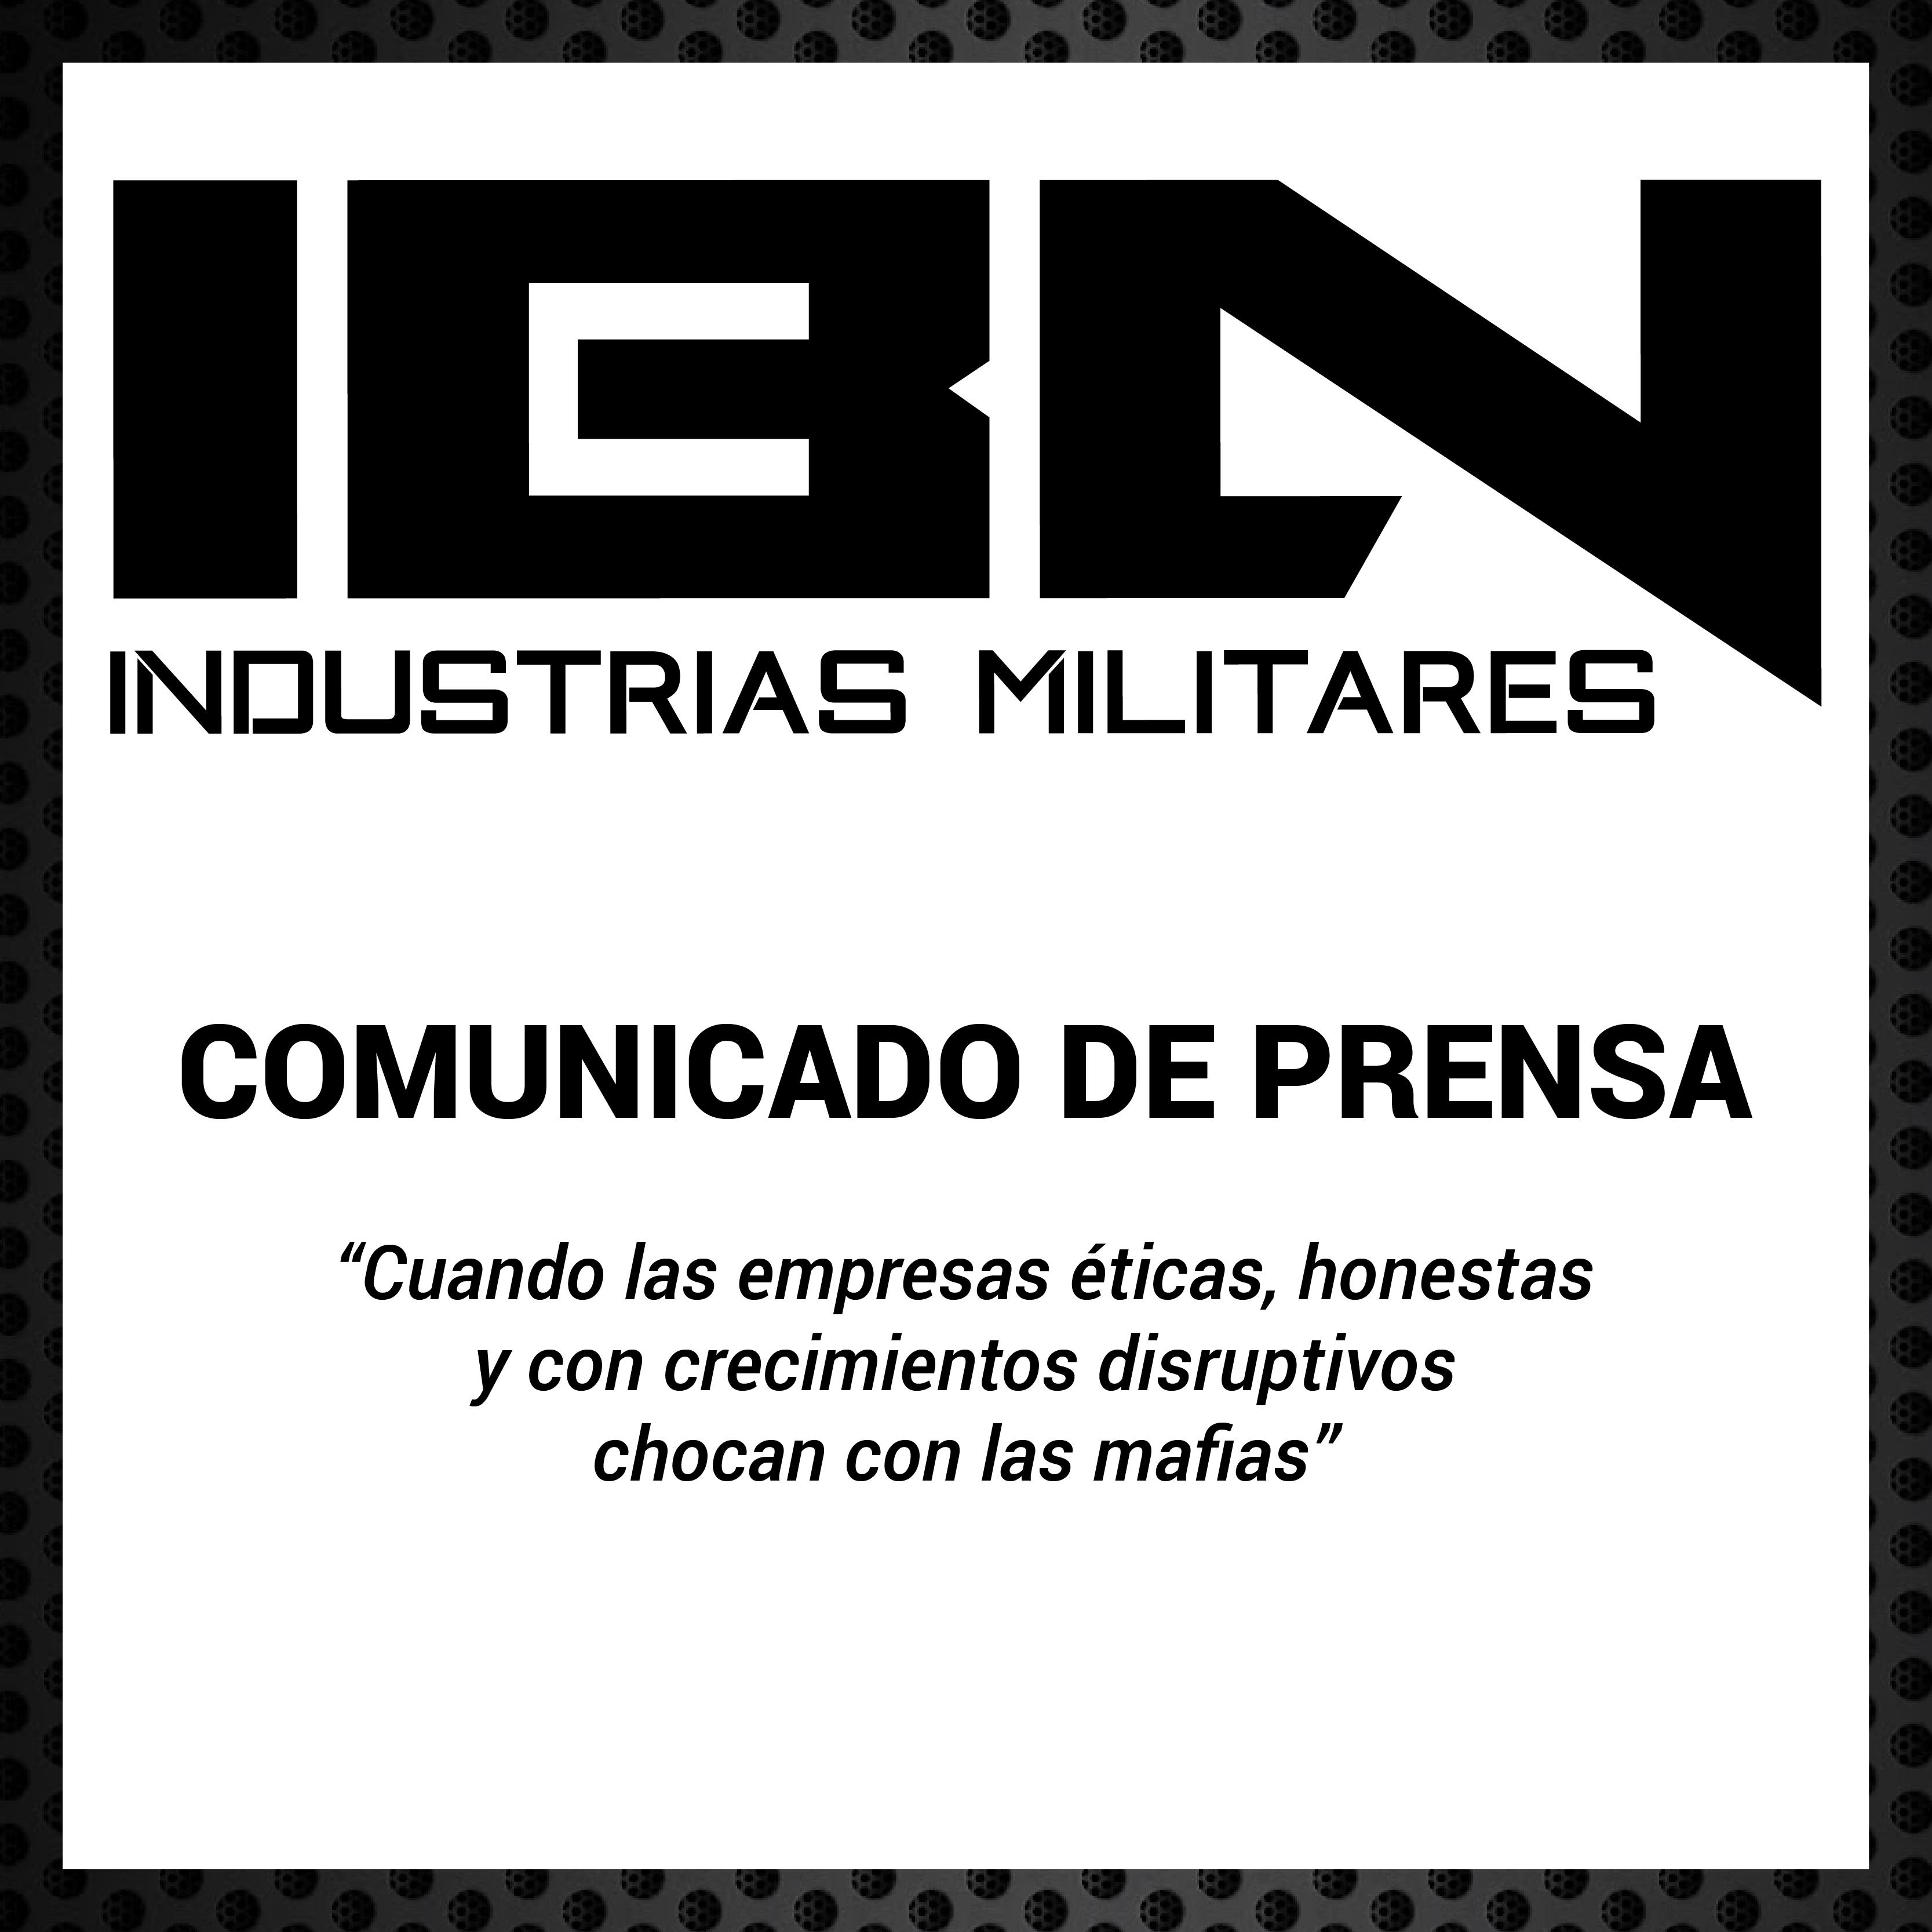 """COMUNICADO DE PRENSA """"Cuando las empresas eticas, honestas y con crecimientos disruptivos chocan con las mafias"""""""